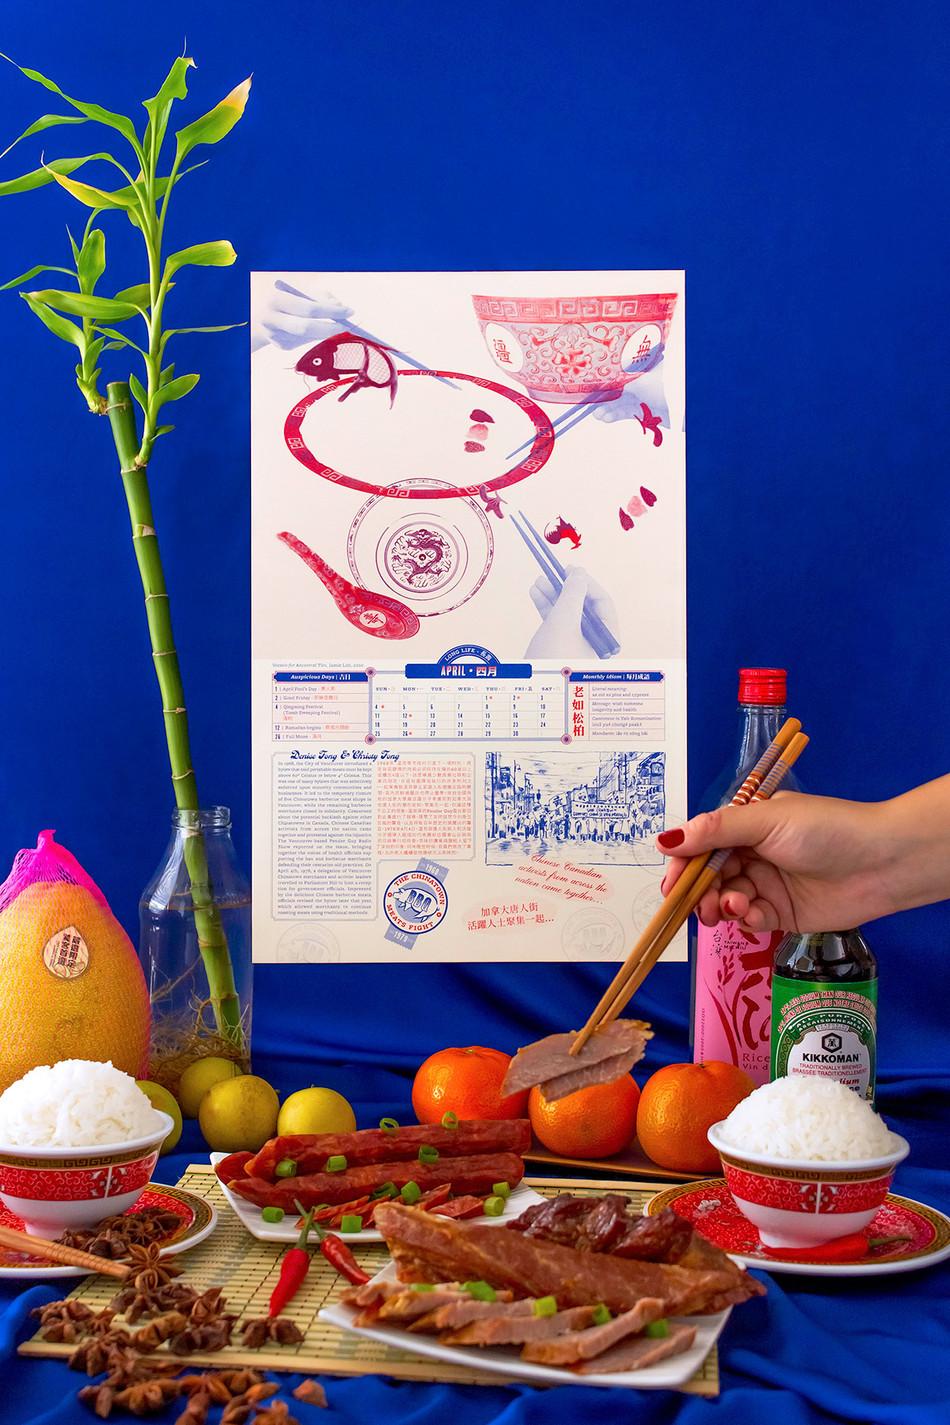 triet-pham-mau-calendar-2021-design-10.j